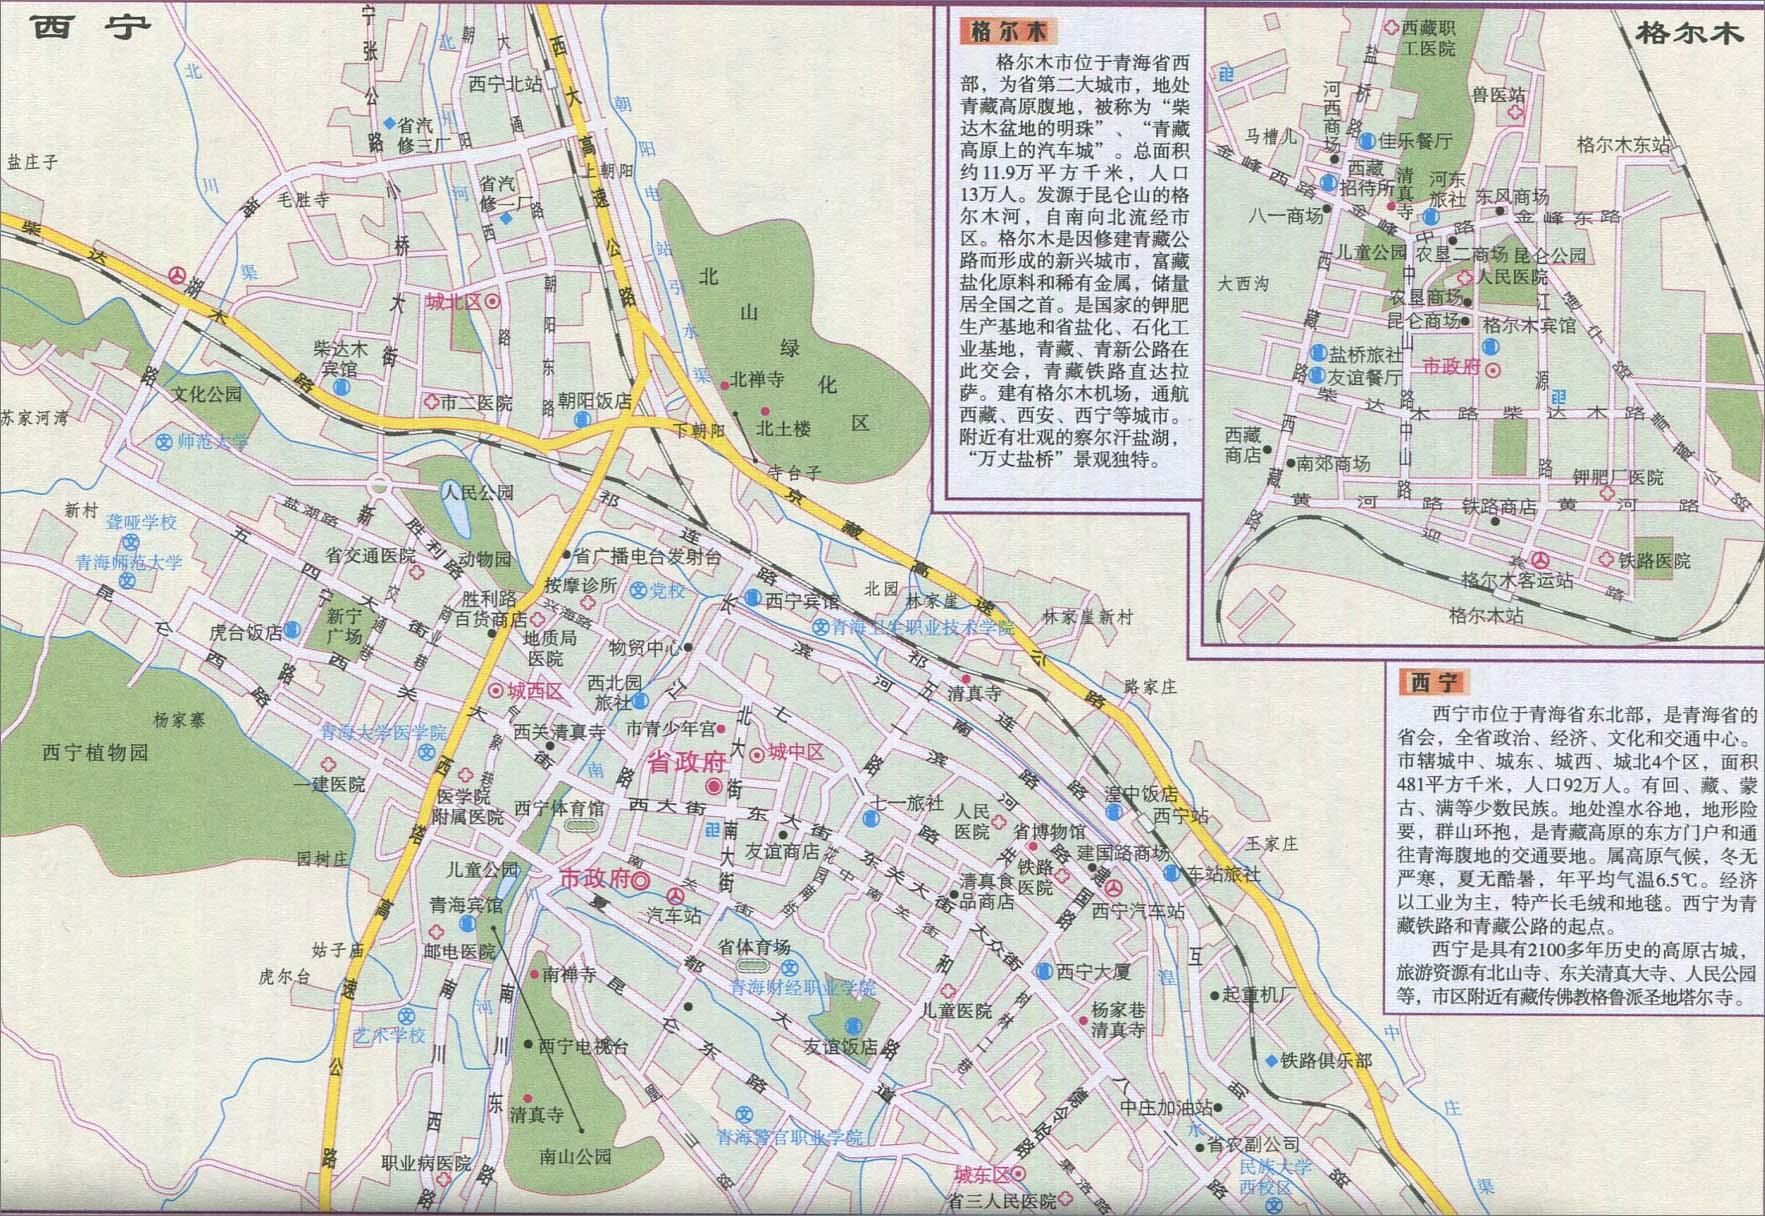 西宁城区旅游地图图片